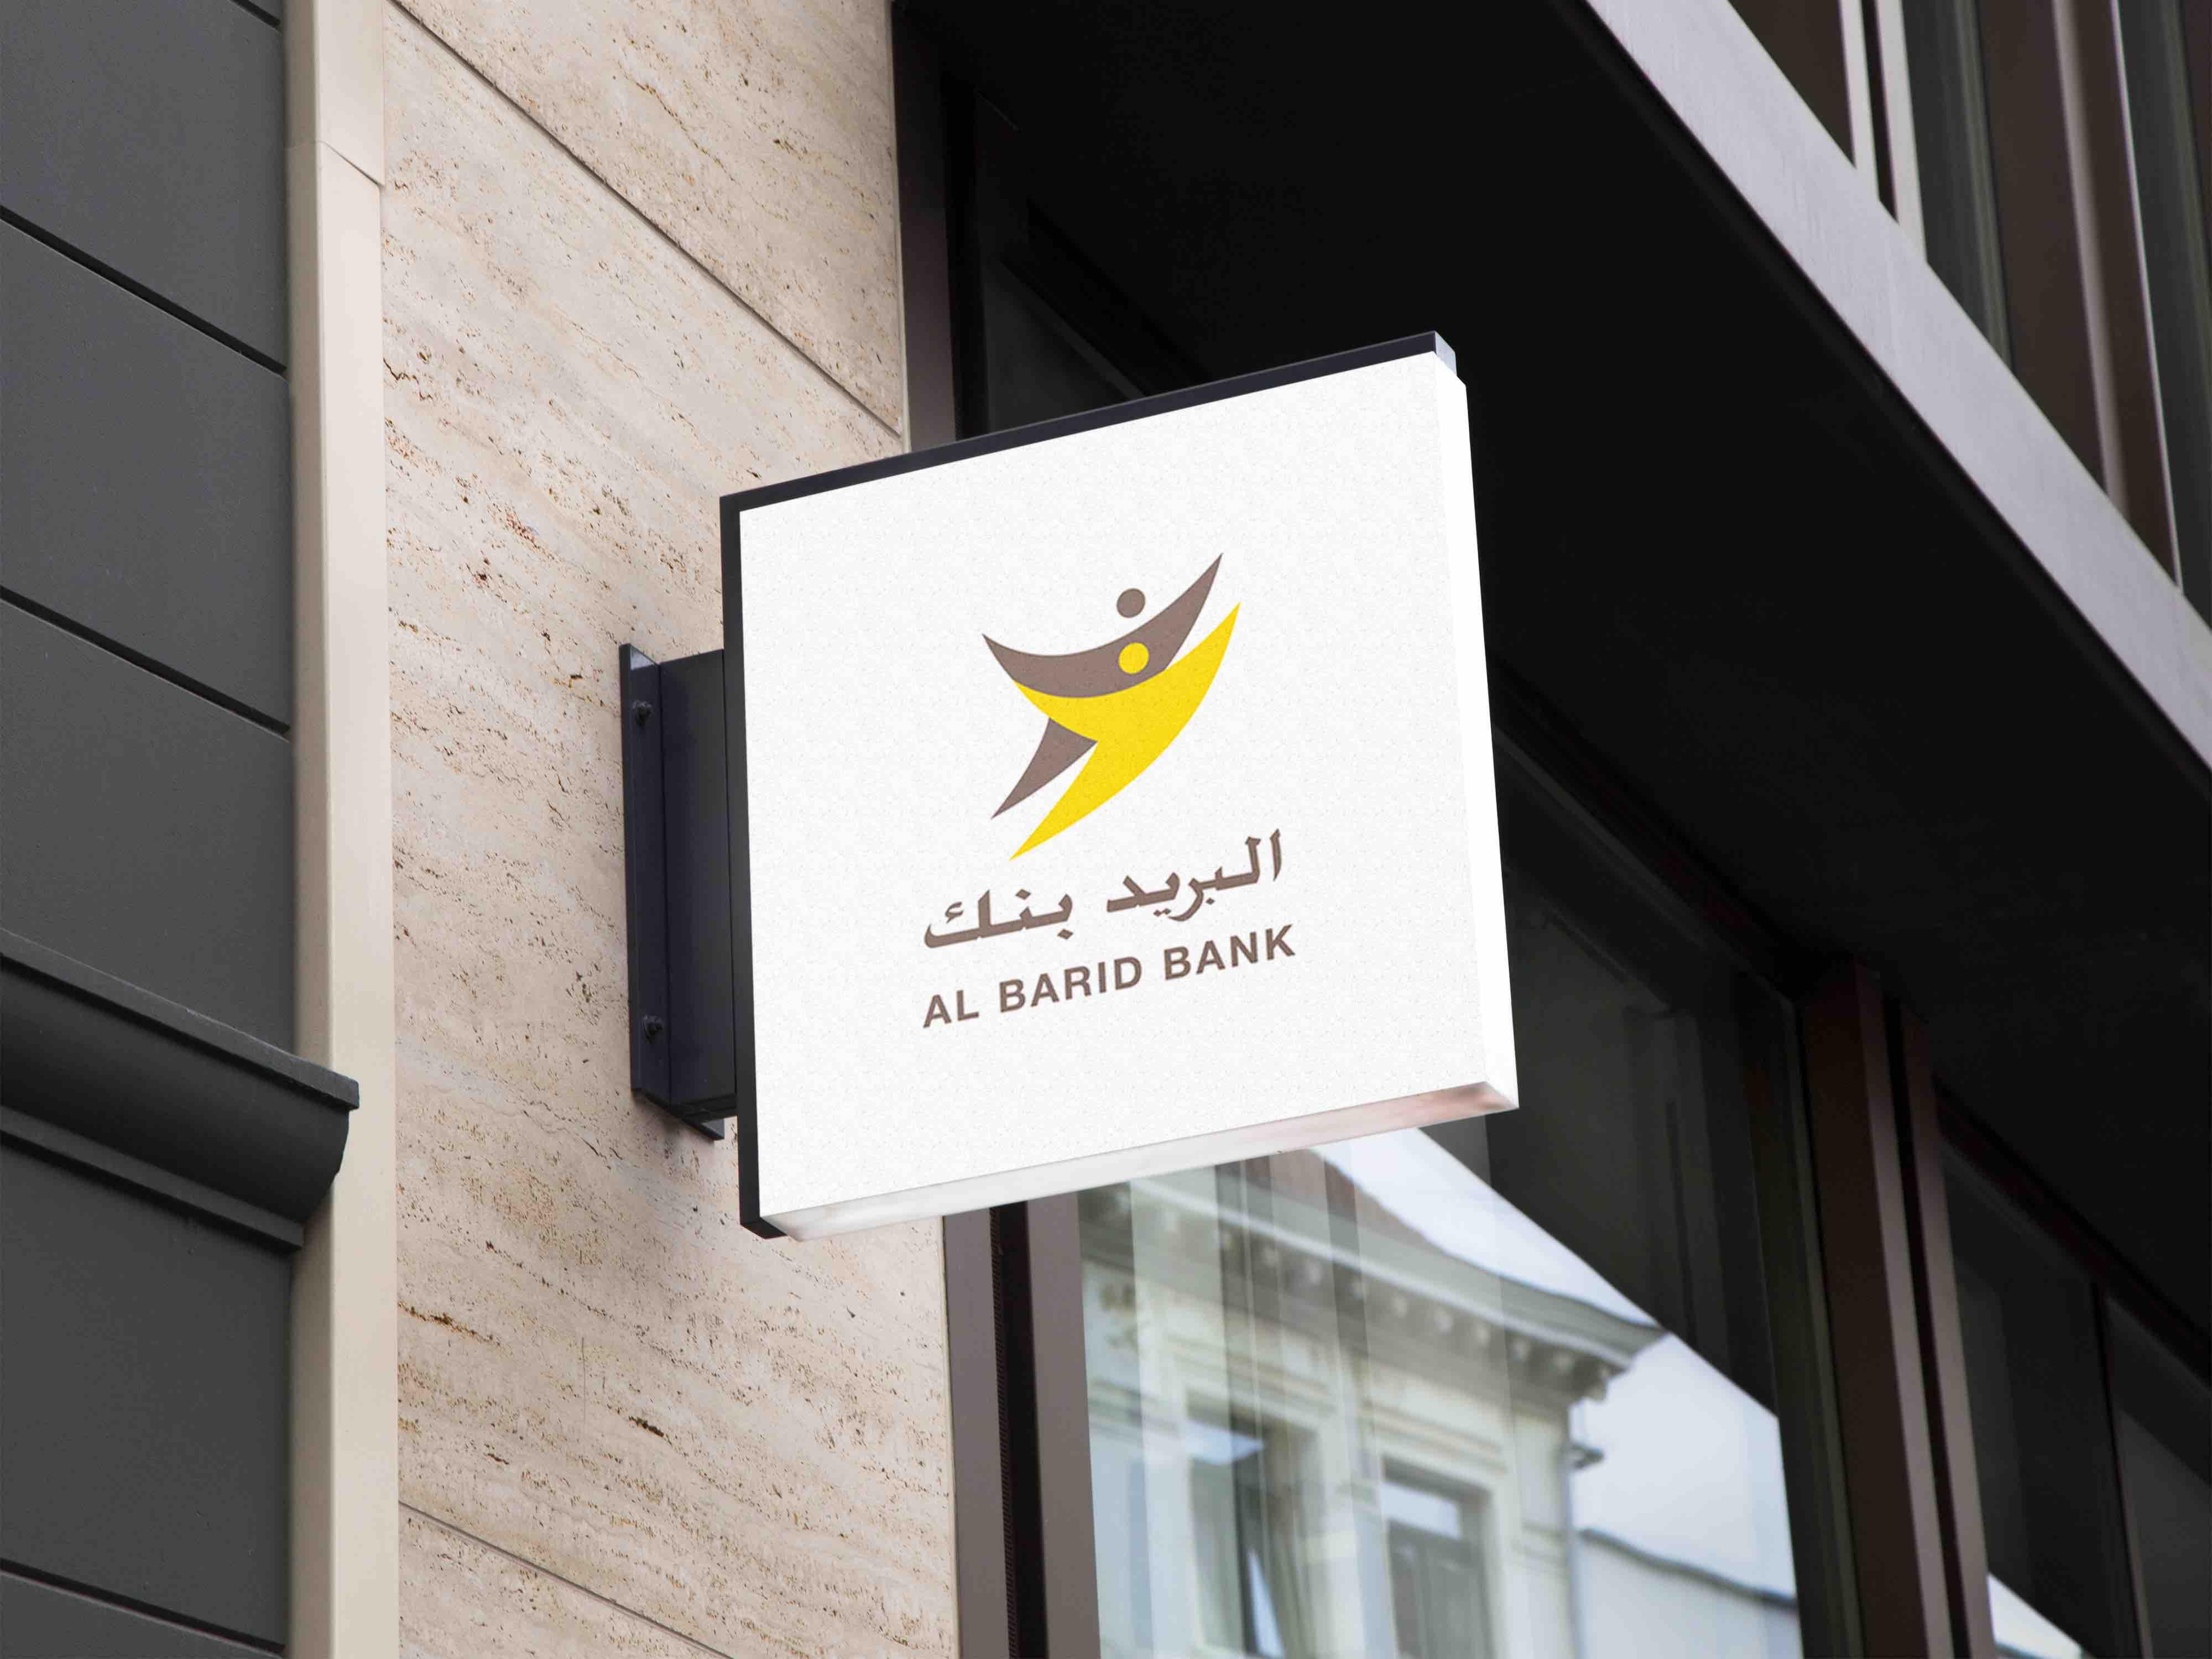 Incident technique GAB : Communiqué d'Al Barid Bank